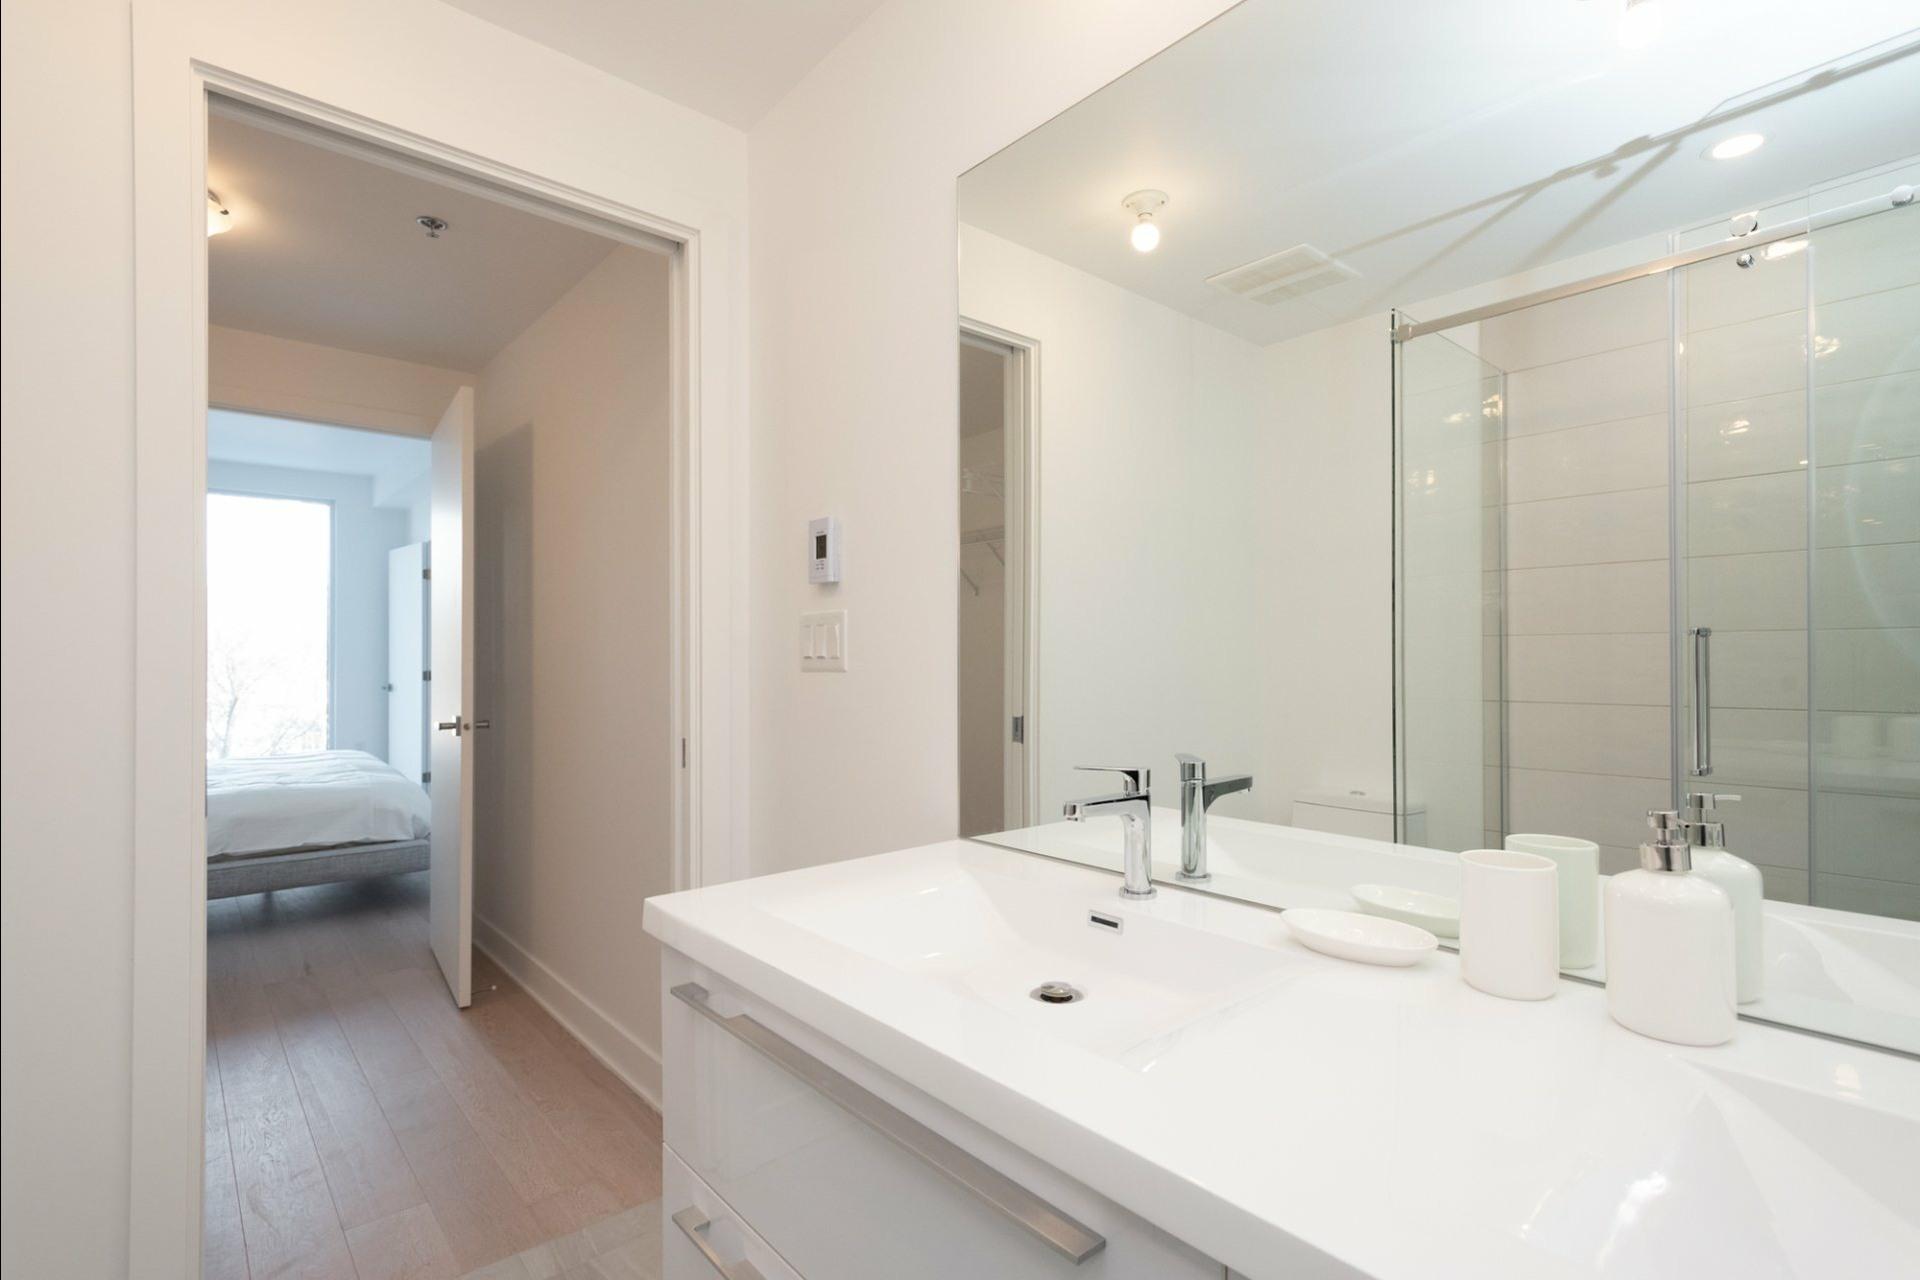 image 23 - Appartement À louer Côte-des-Neiges/Notre-Dame-de-Grâce Montréal  - 5 pièces